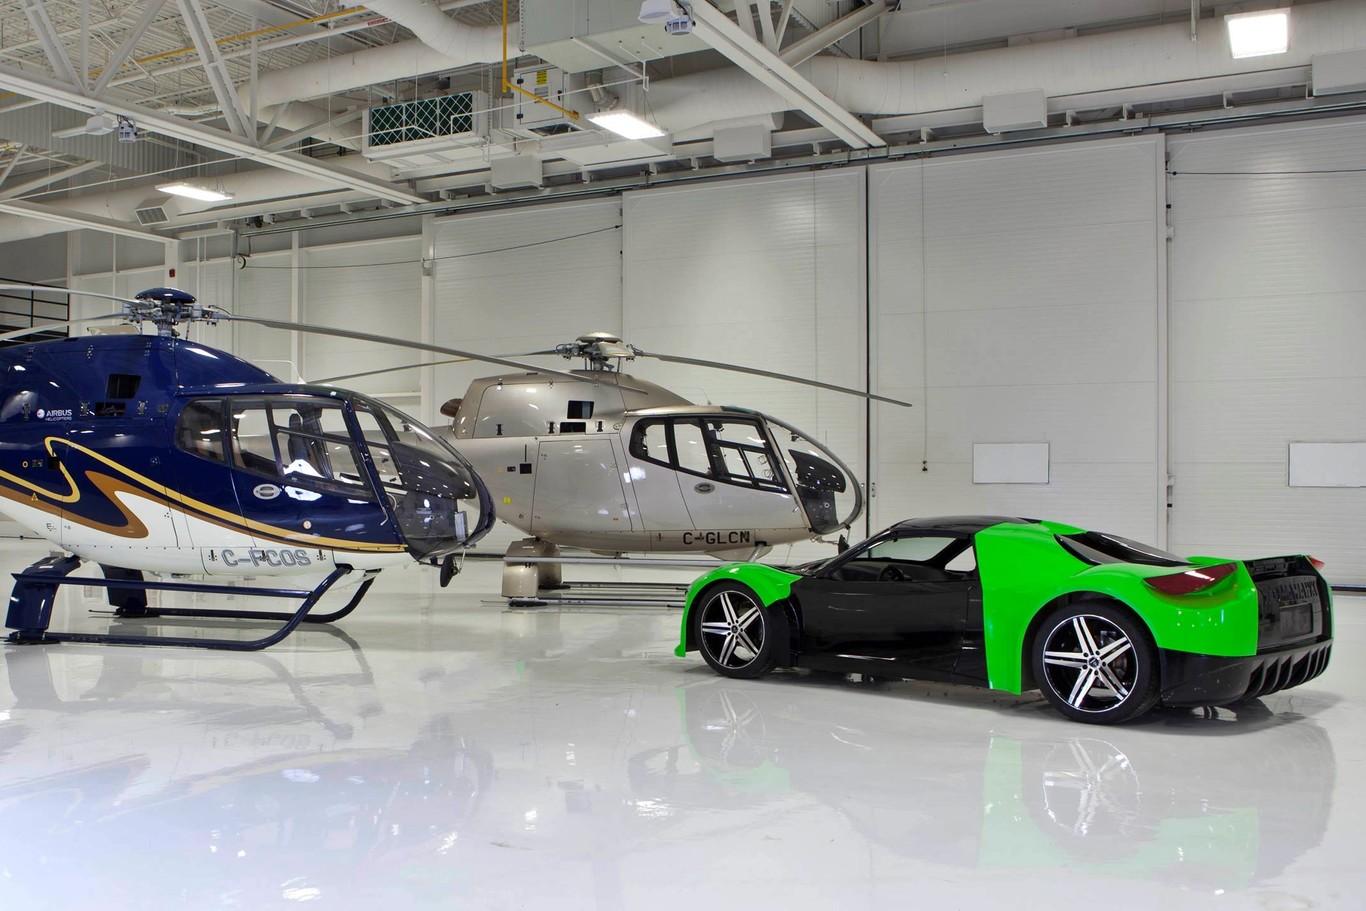 Dubuc Tomahawk 2018: El superdeportivo eléctrico de 800 CV que necesita 2 segundos para alcanzar los 96 km/h